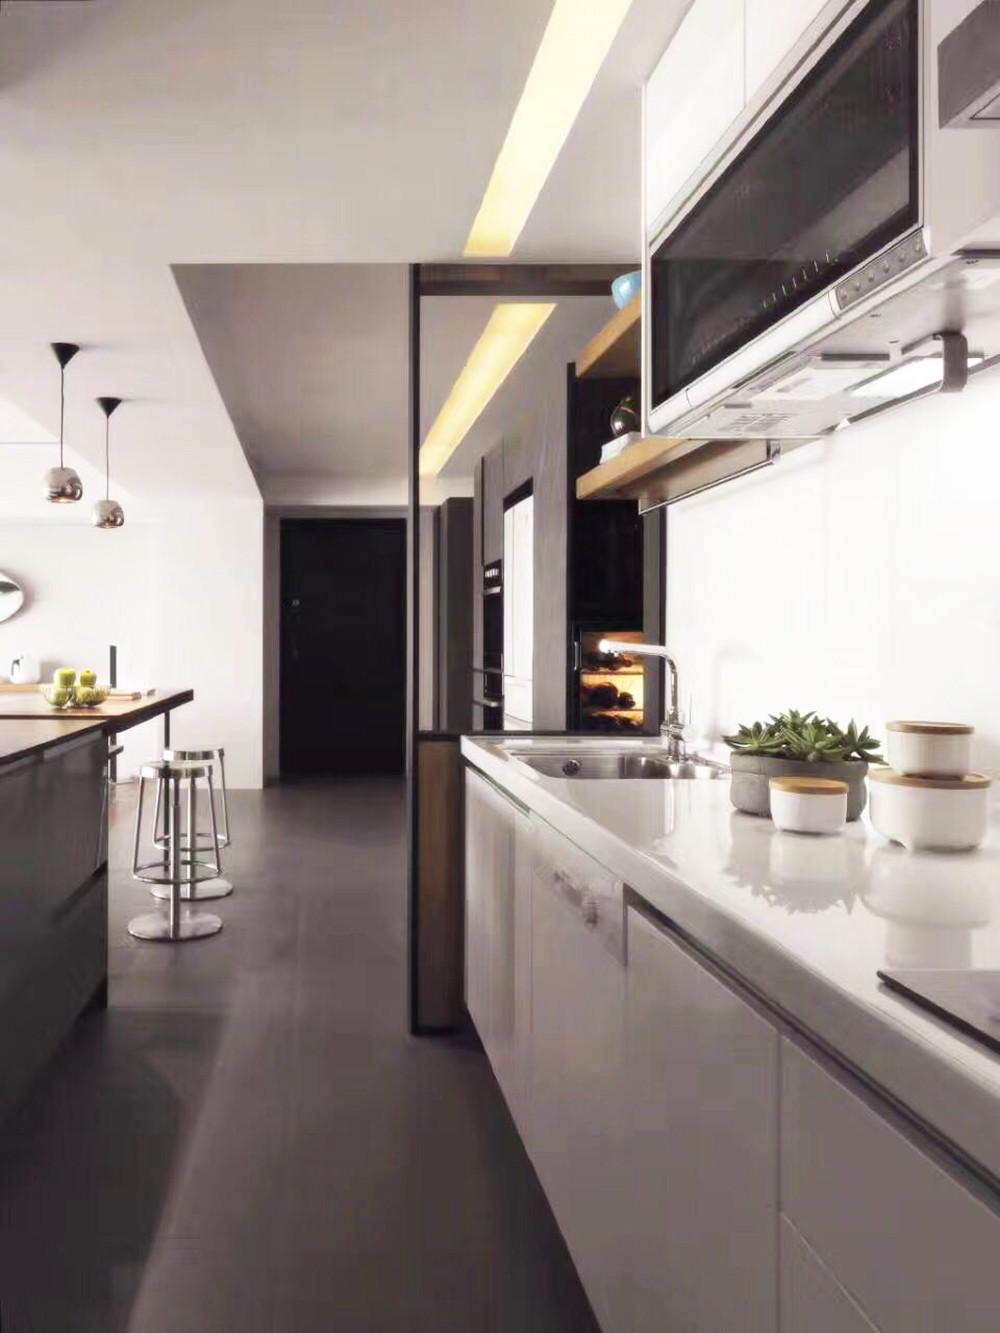 简约二居室之家厨房设计图